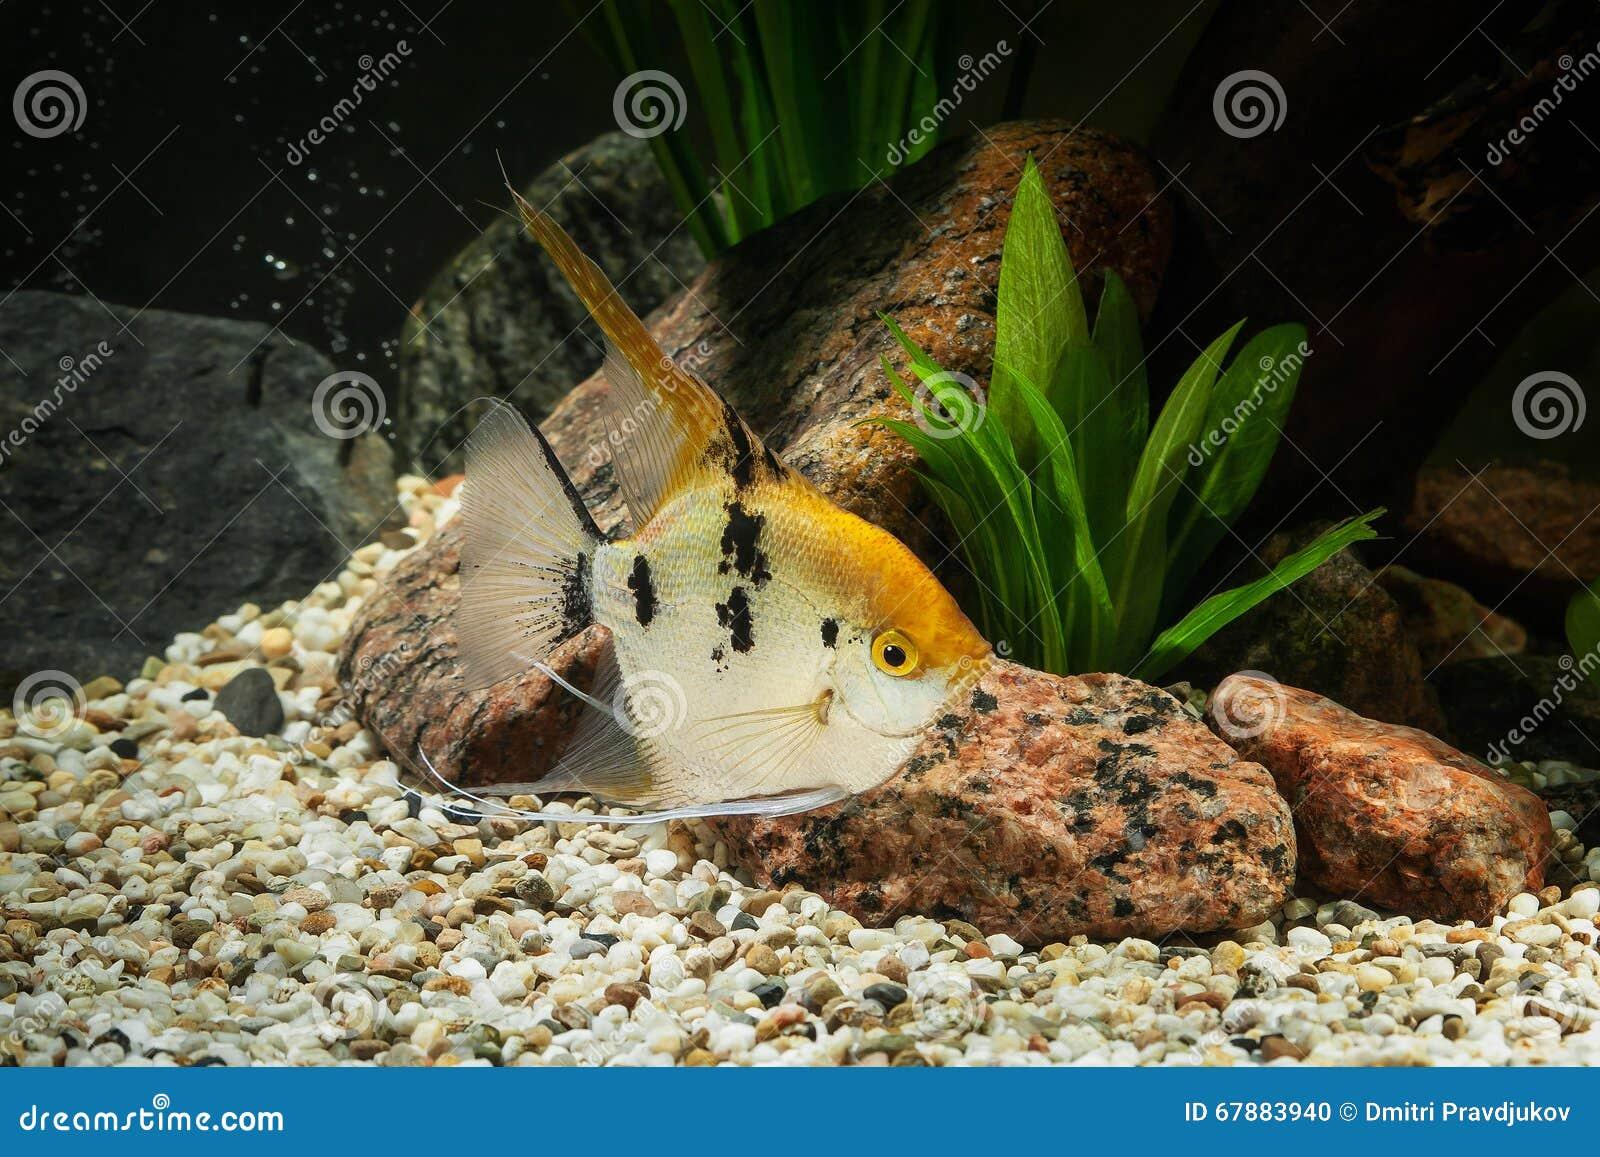 Vissen Zeeëngel in aquarium met groene installaties, en stenen